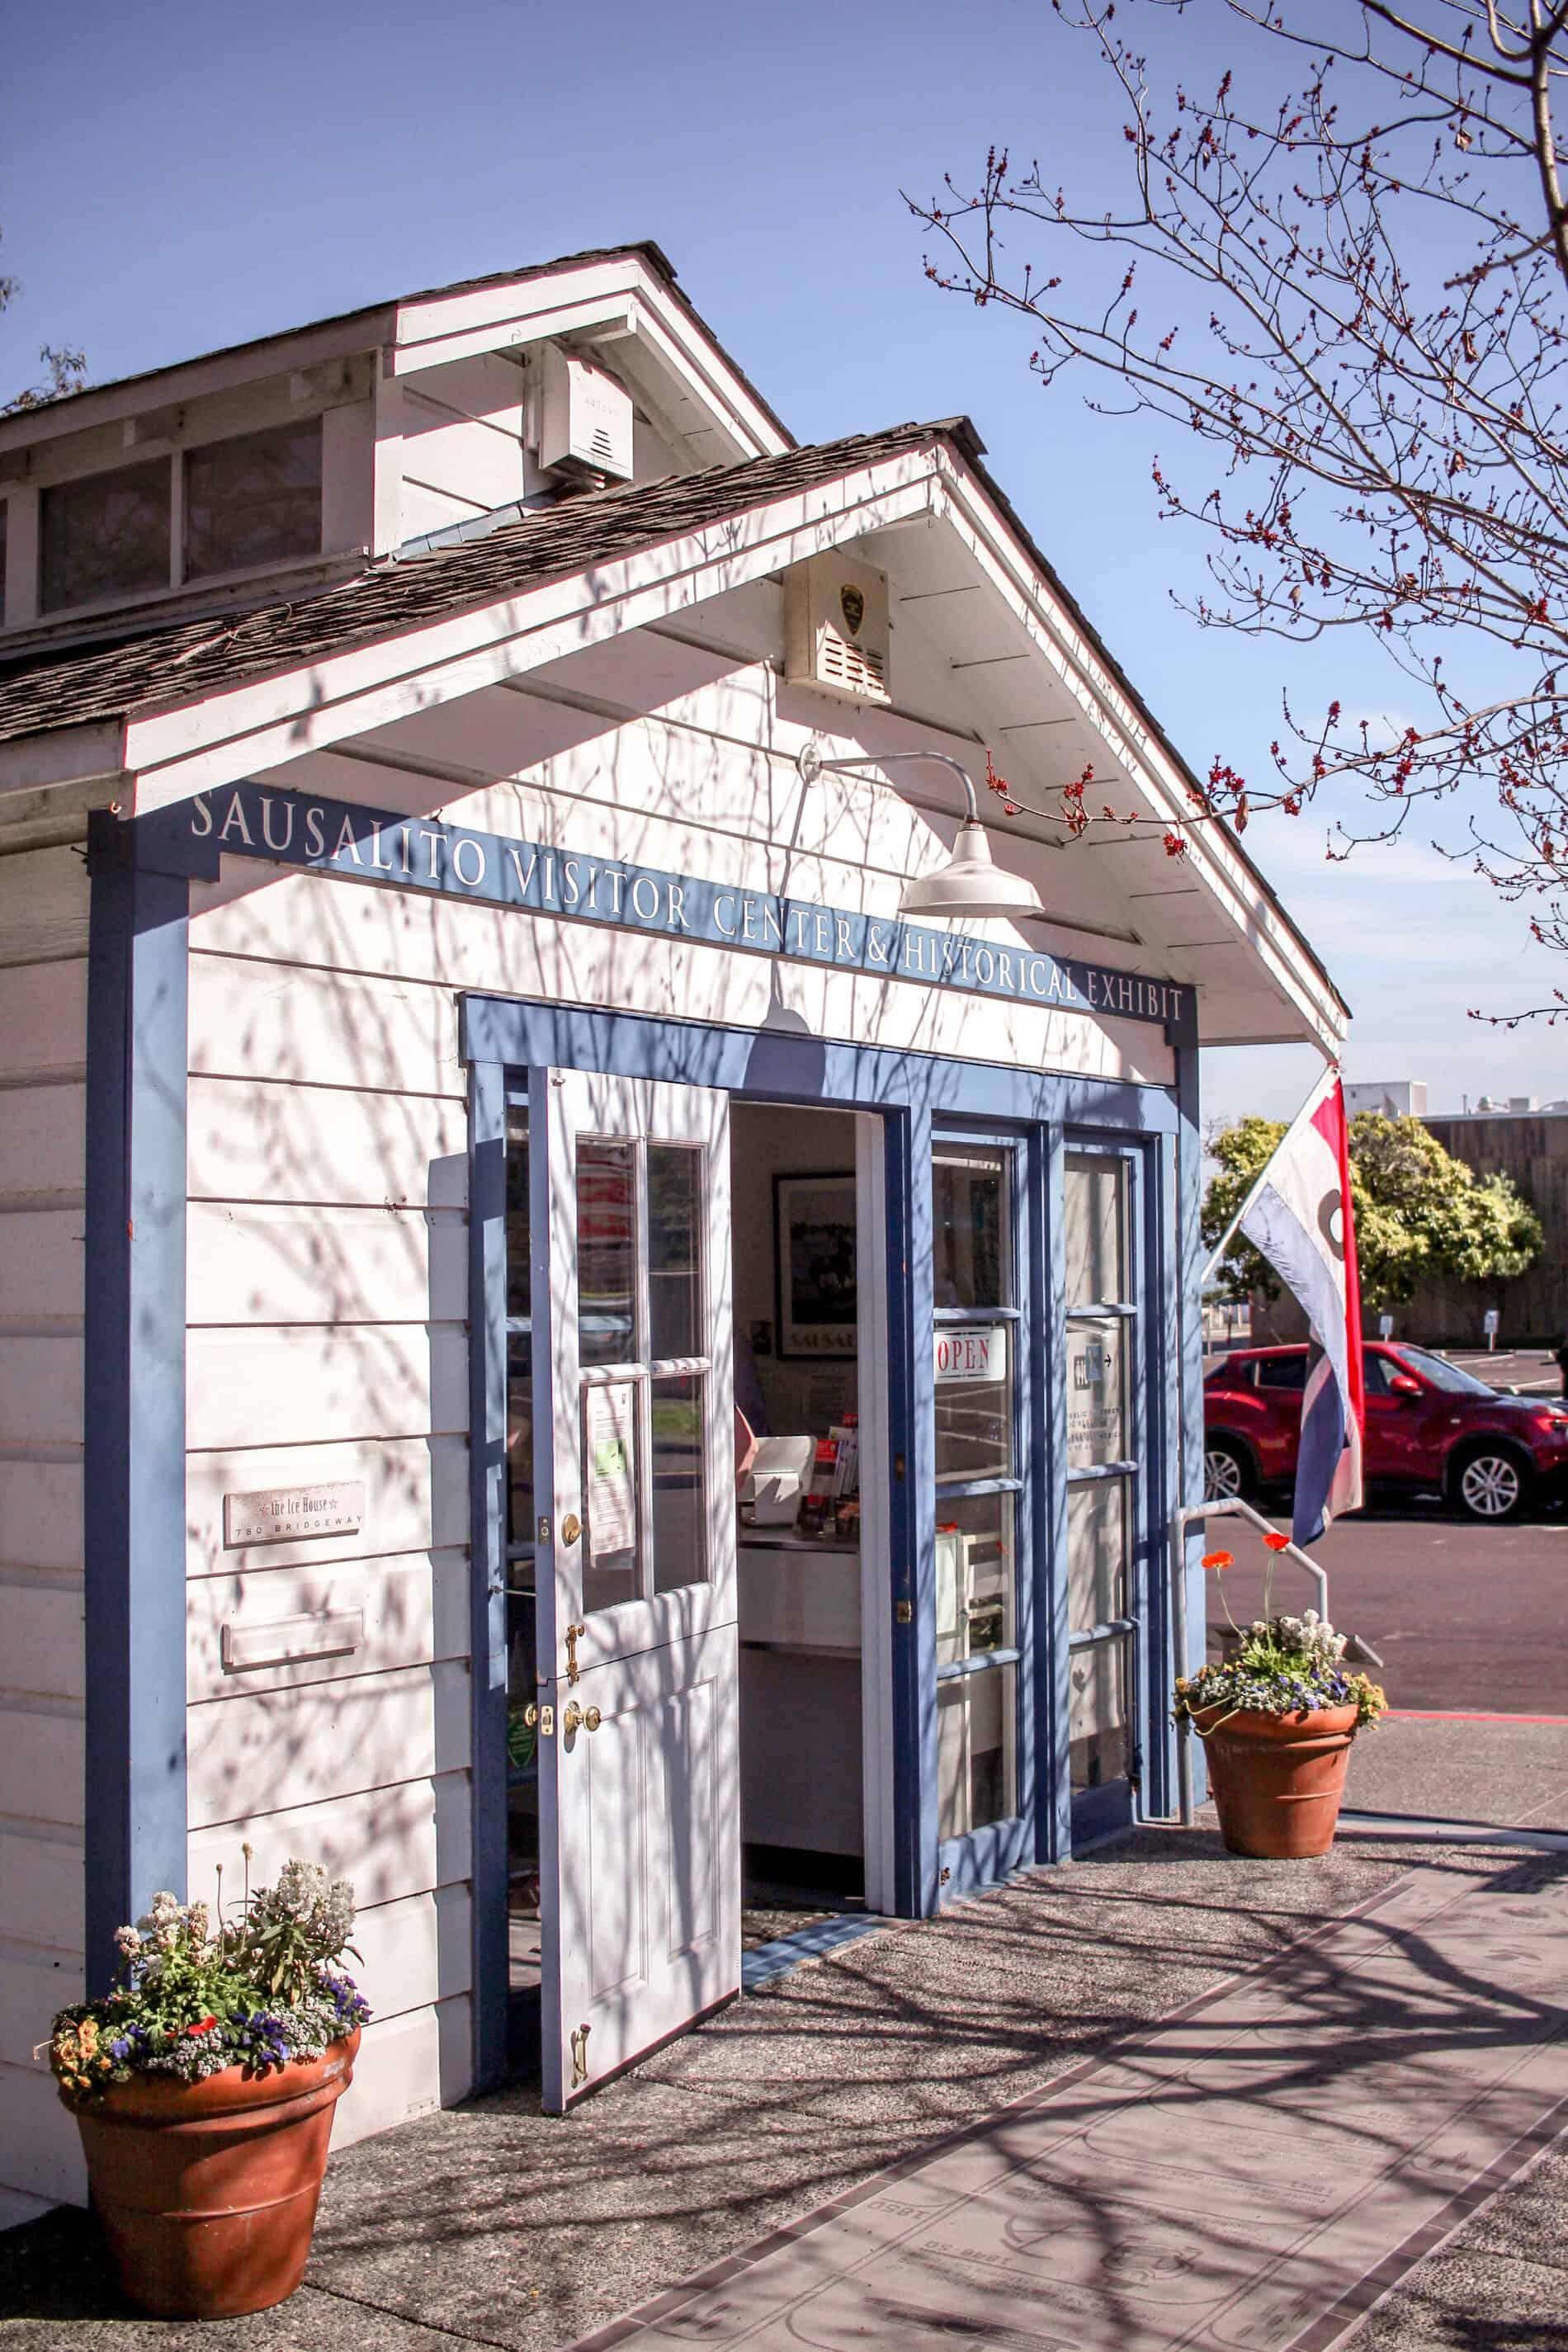 Sausalito visitor center